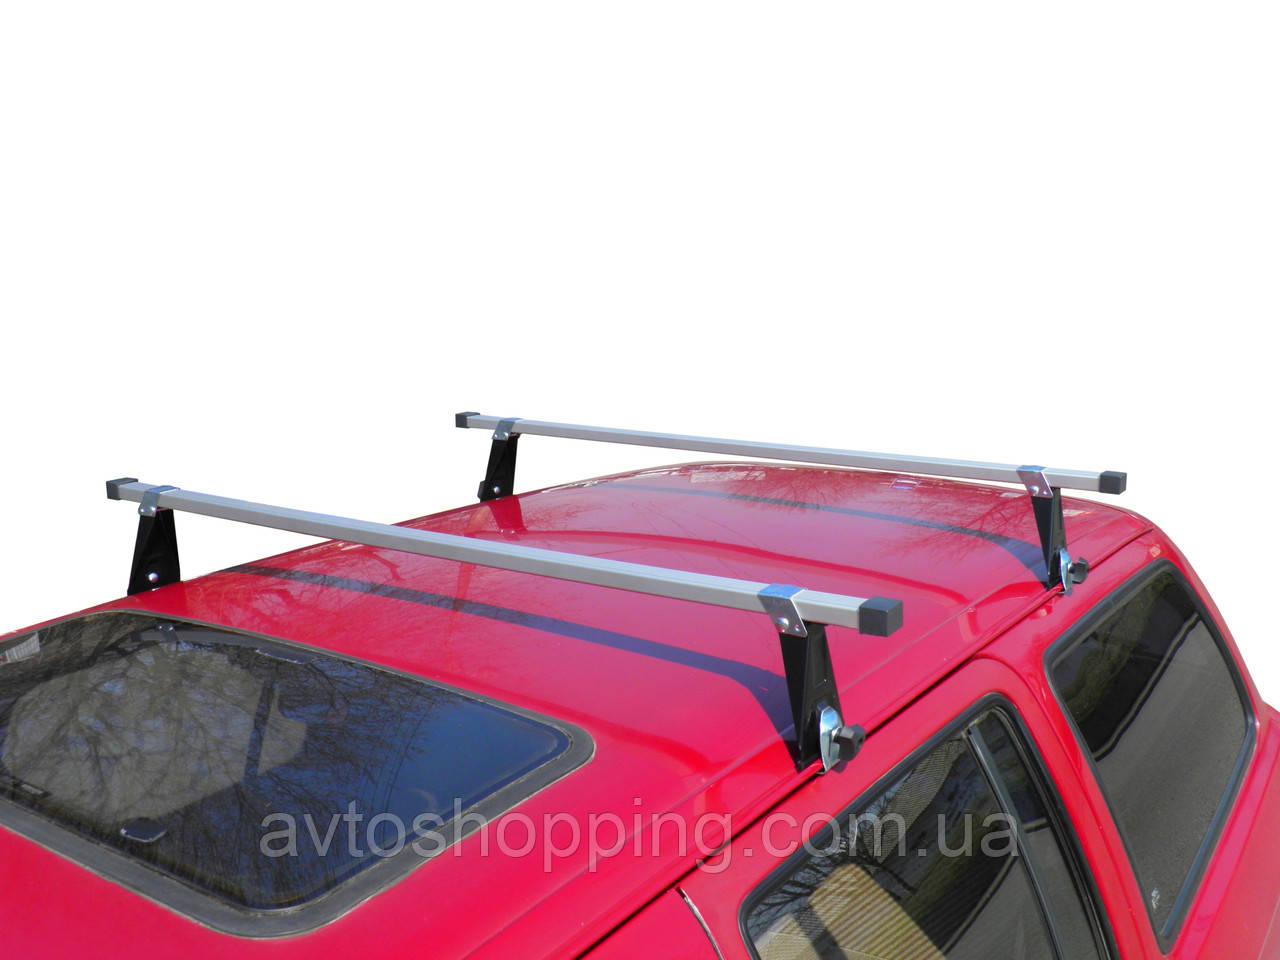 Багажник на крышу UNI ЛЮКС, для автомобилей с водостоком ВАЗ, Таврия, Кадет